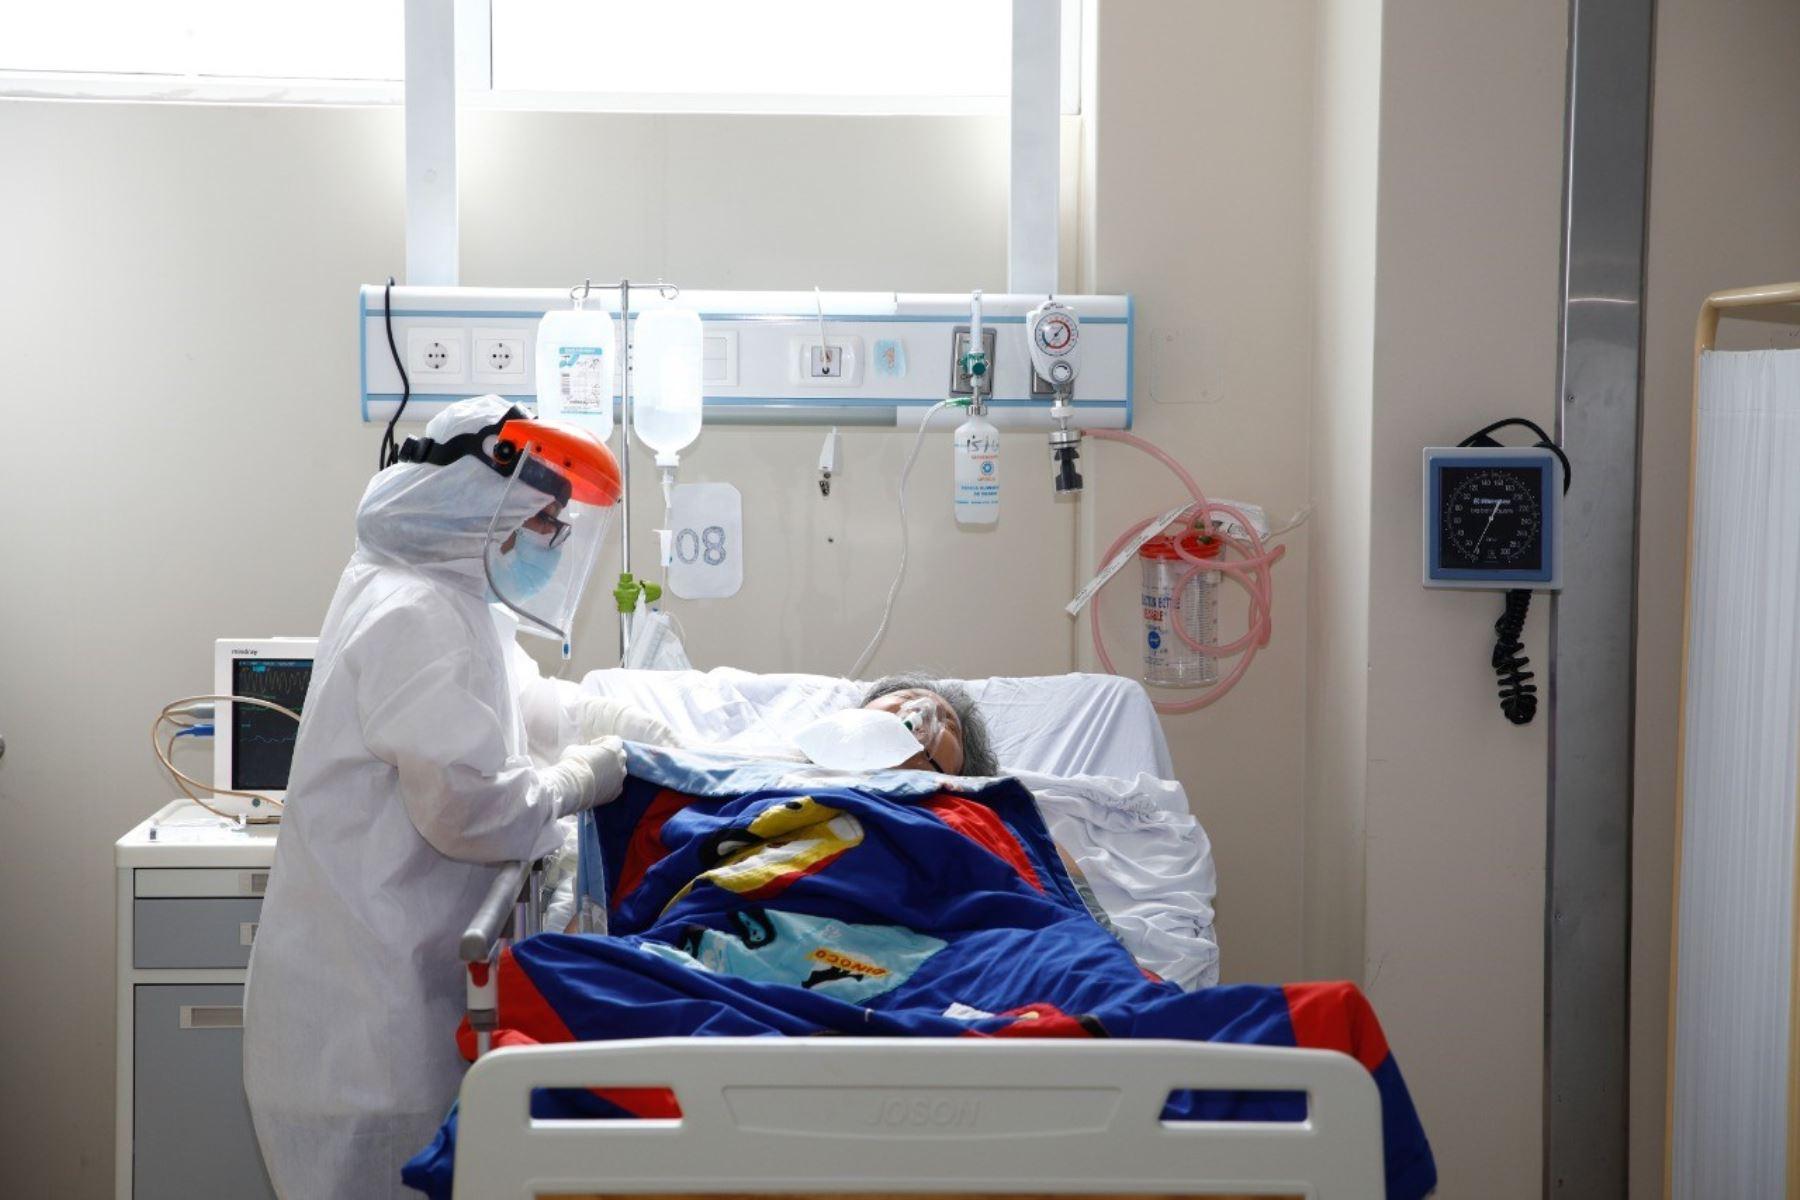 EsSalud tiene registrado actualmente a 1,553 pacientes internados en las UCI, cifra equivalente al máximo histórico, que ocurrió el 13 de agosto del 2020, desde que inicio la pandemia. Foto: ANDINA/EsSalud.